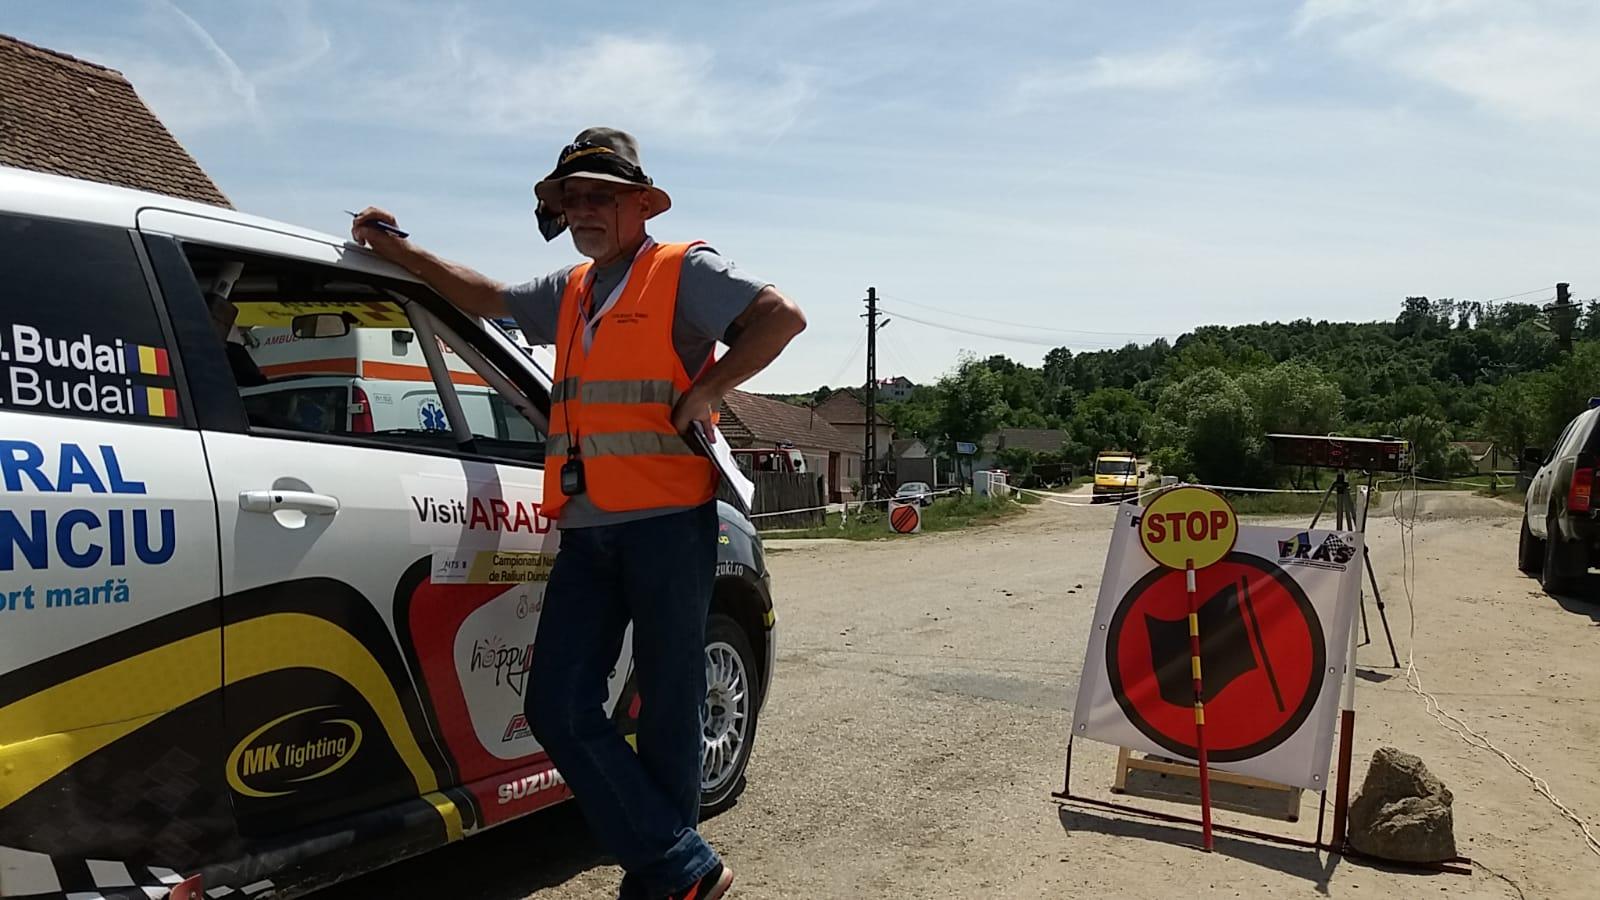 """Povesti din culise – Viorel Adamache: """"Cea mai mare satisfactie am avut-o la ERC, cand am dat startul unor concurenti care acum merg in WRC"""""""